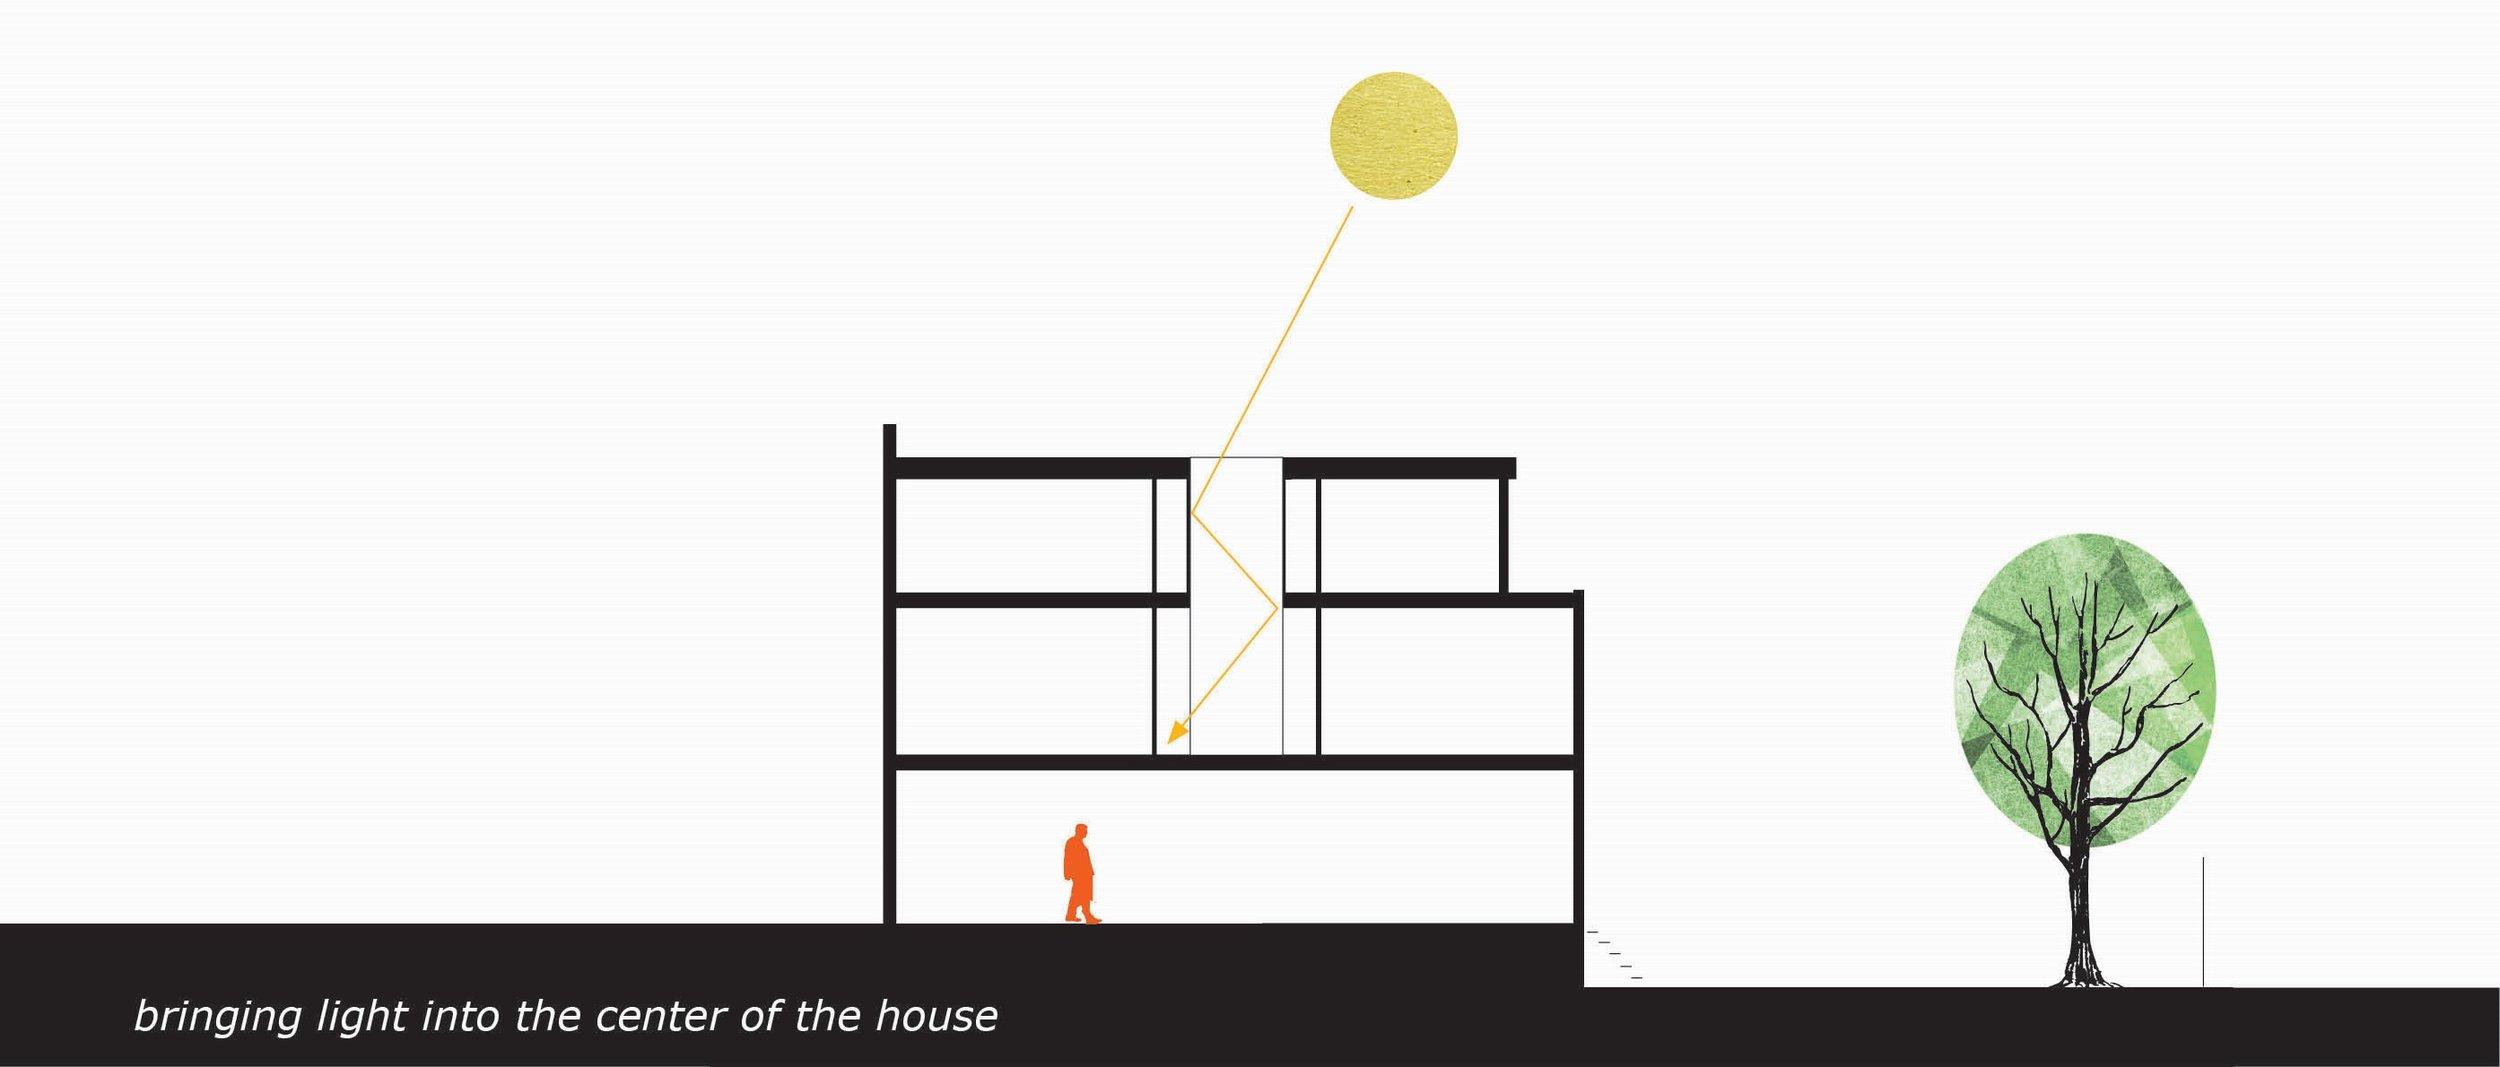 Personal-Architecture-rotterdam-ploeghof-2.jpg